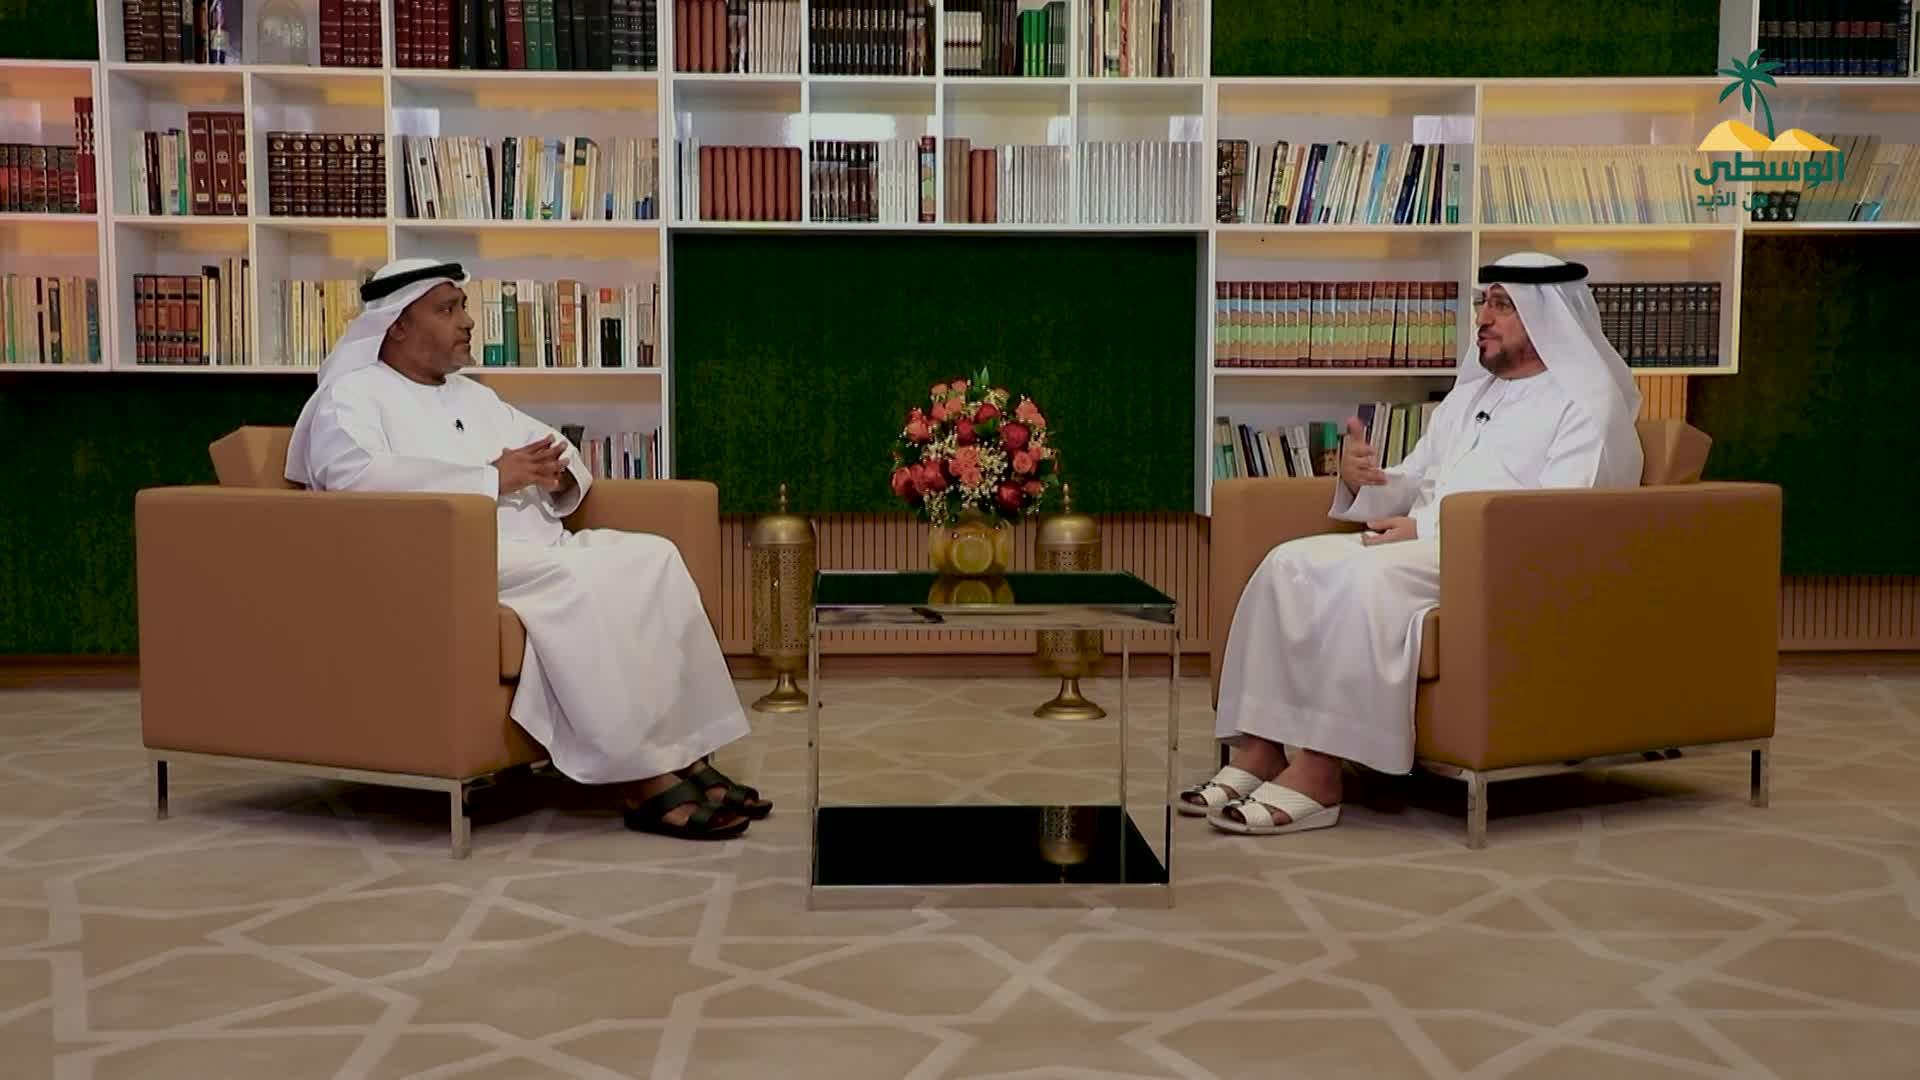 ملامح تربوية - الحلقة الخامسة عشر - عبدالله الجنيبي